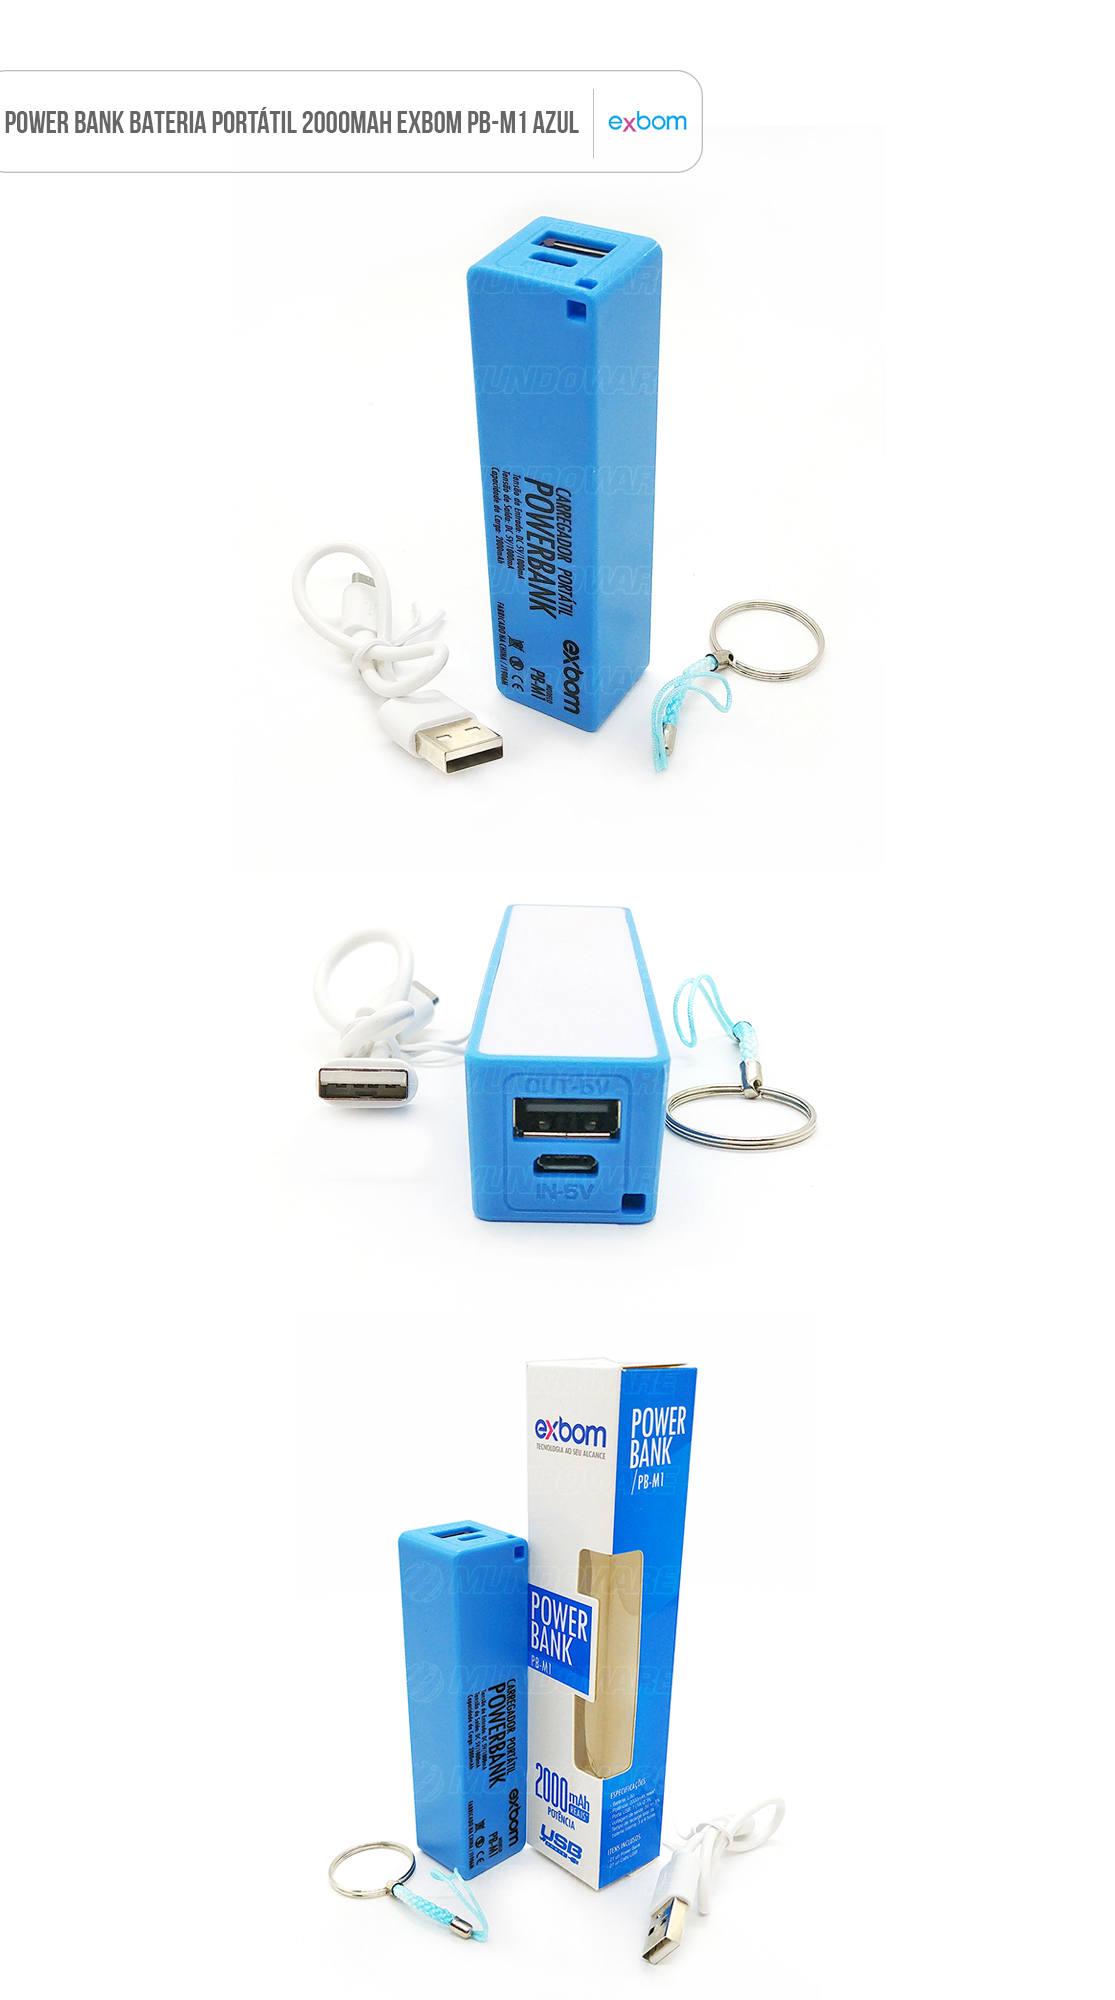 Power Bank Bateria Portátil 2000mAh azul Exbom PB-M1